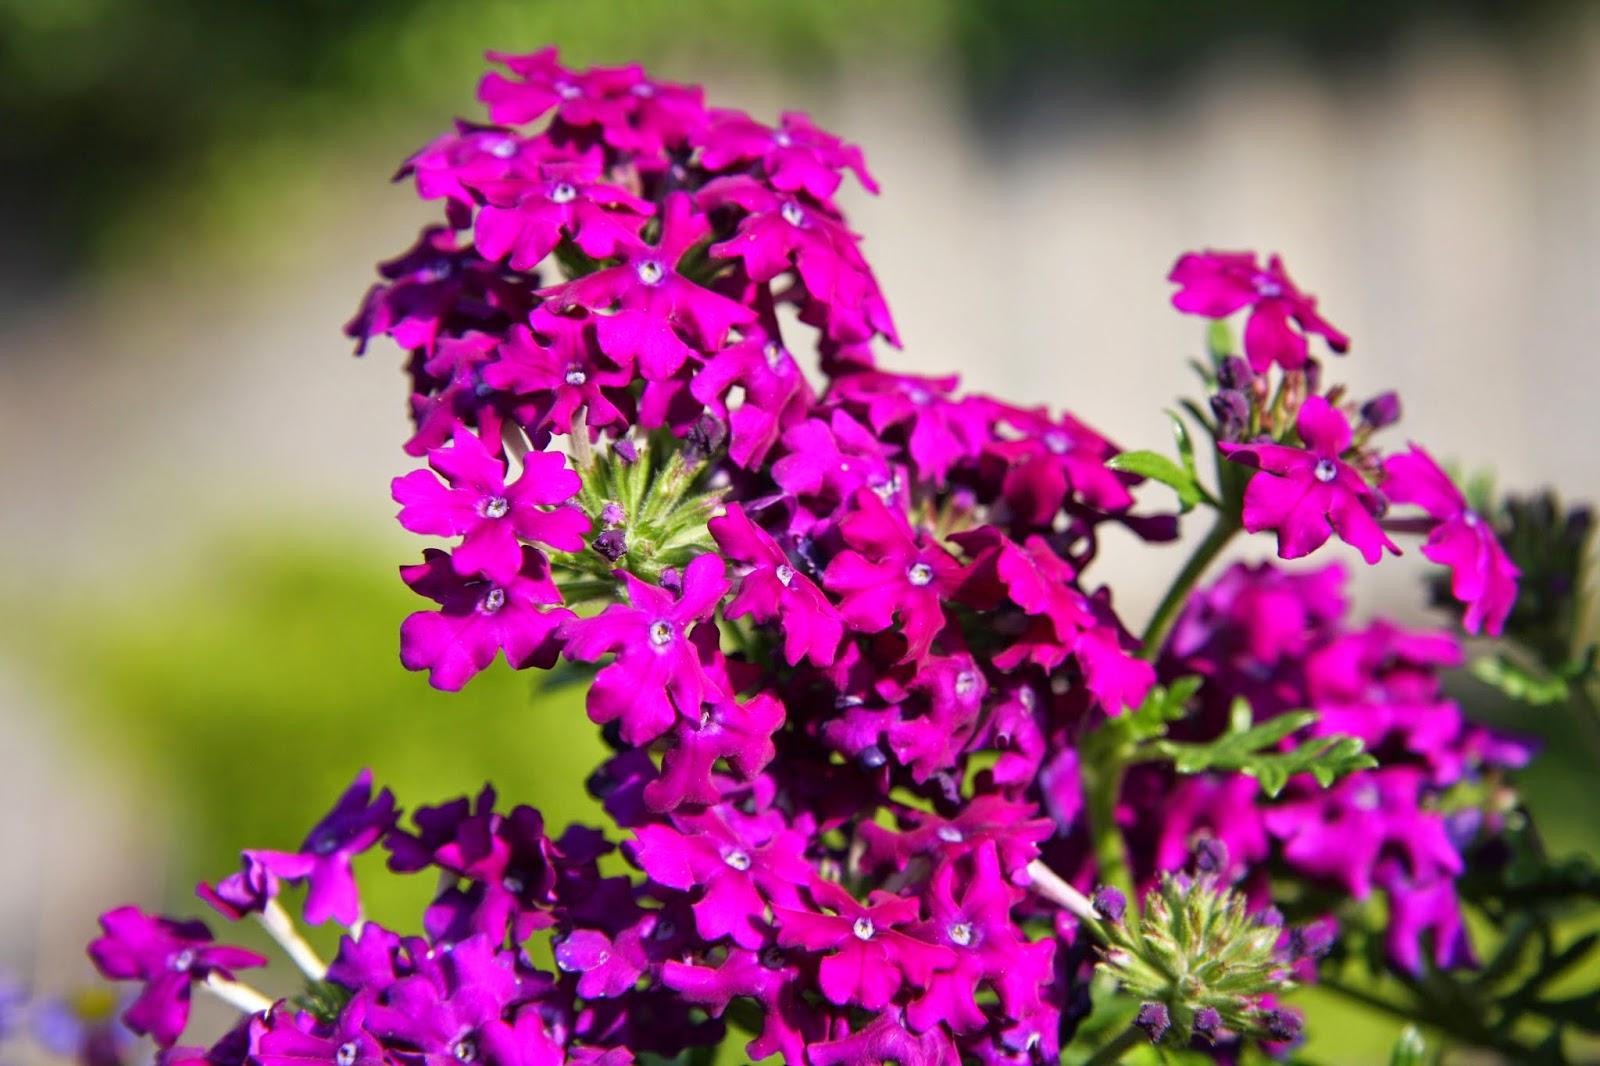 Aprende a cuidar de tu jard n 5 flores resistentes al sol - Plantas que aguanten el sol ...